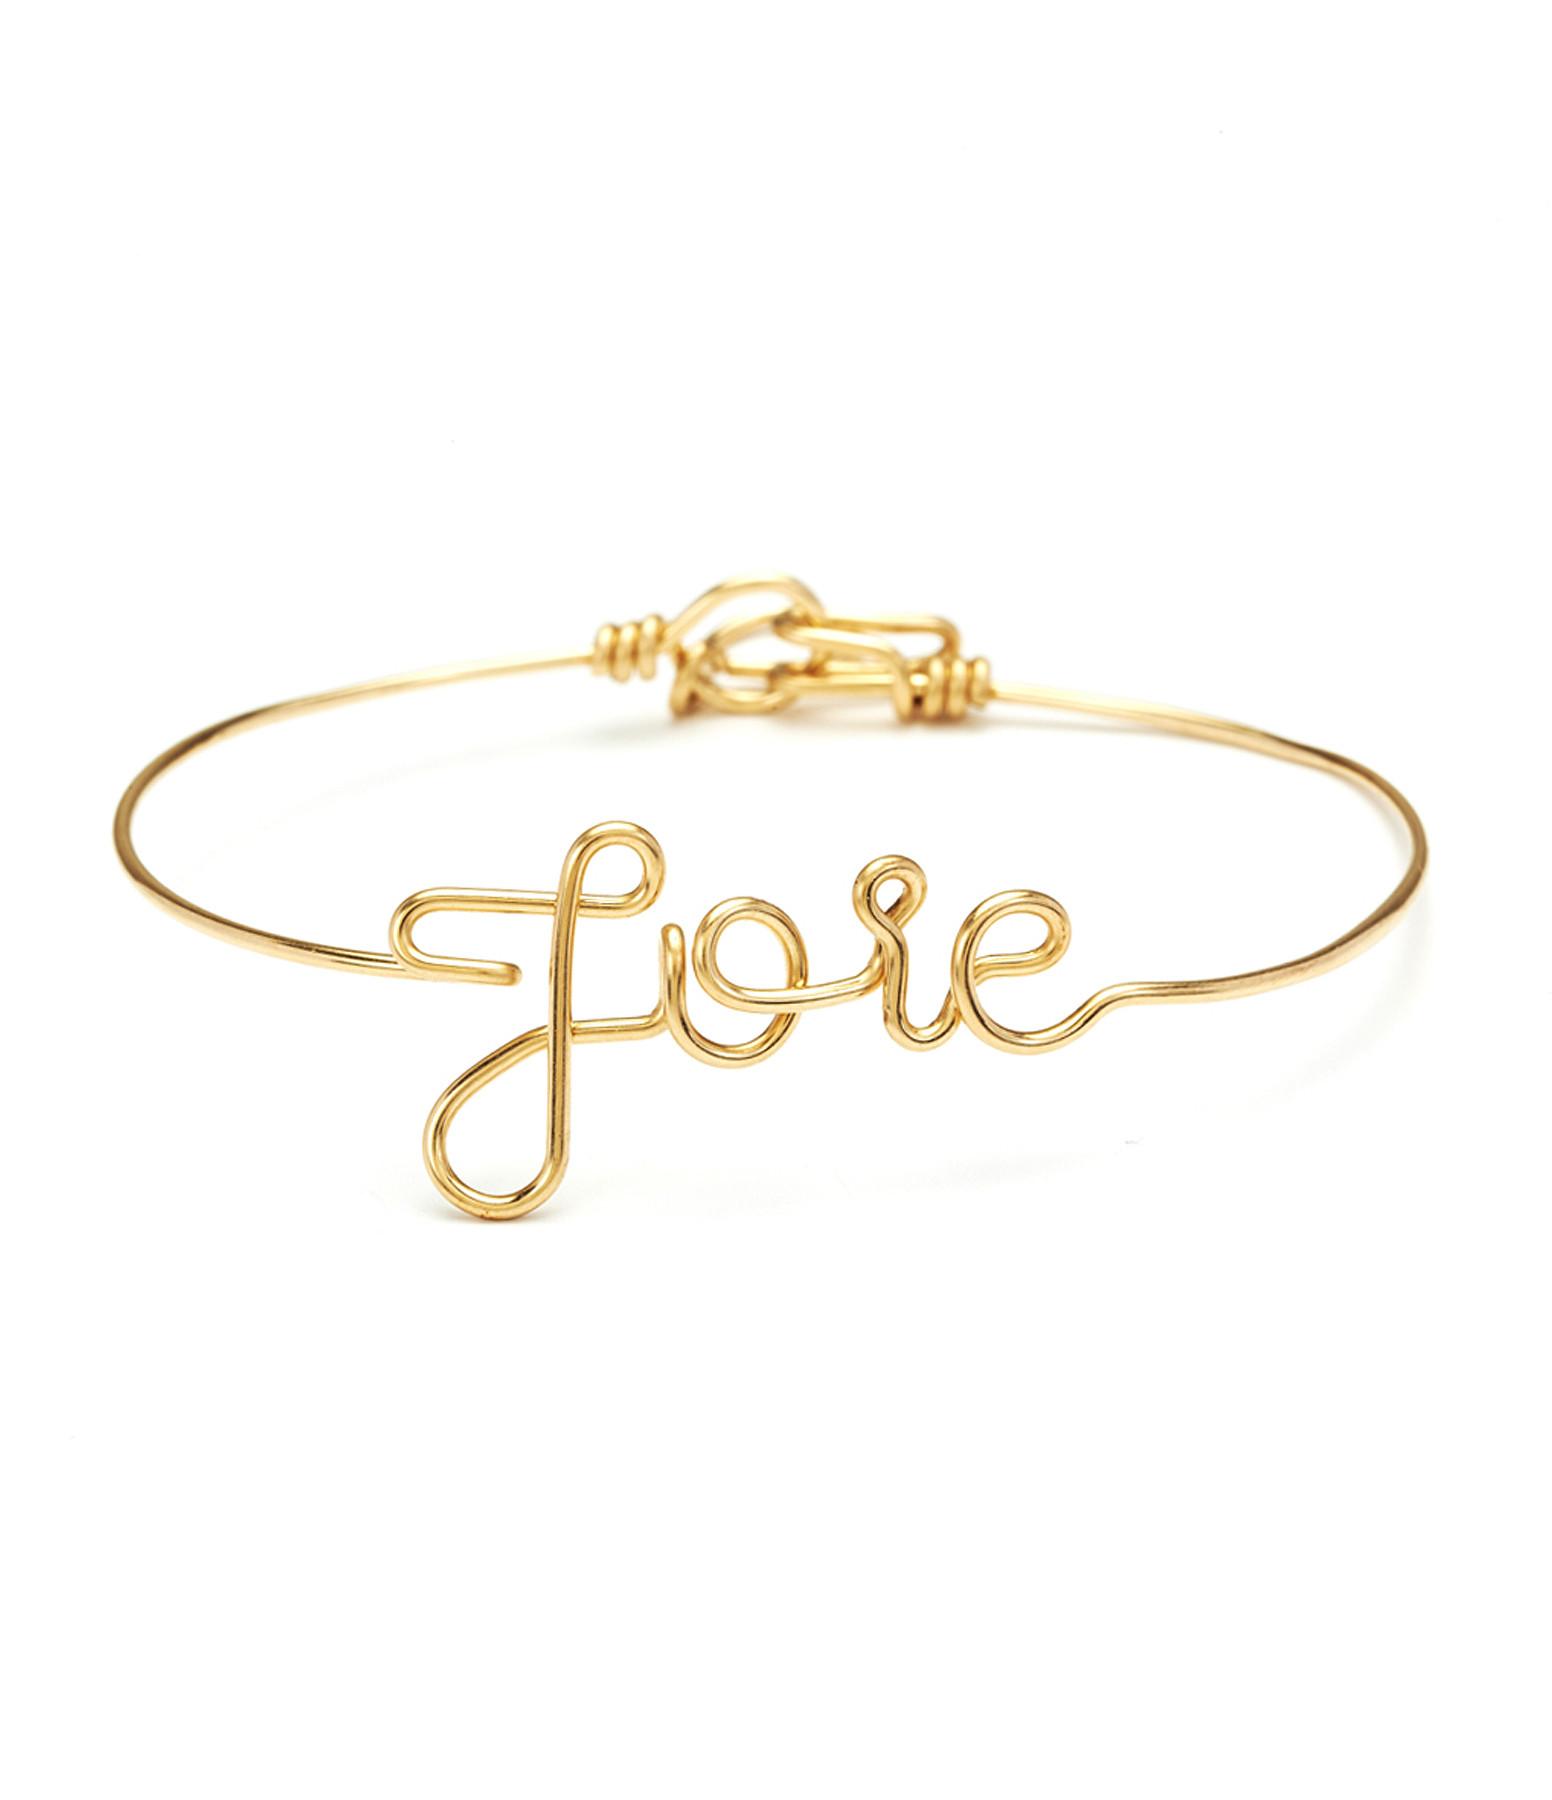 Jonc Fil Joie Gold Filled - ATELIER PAULIN